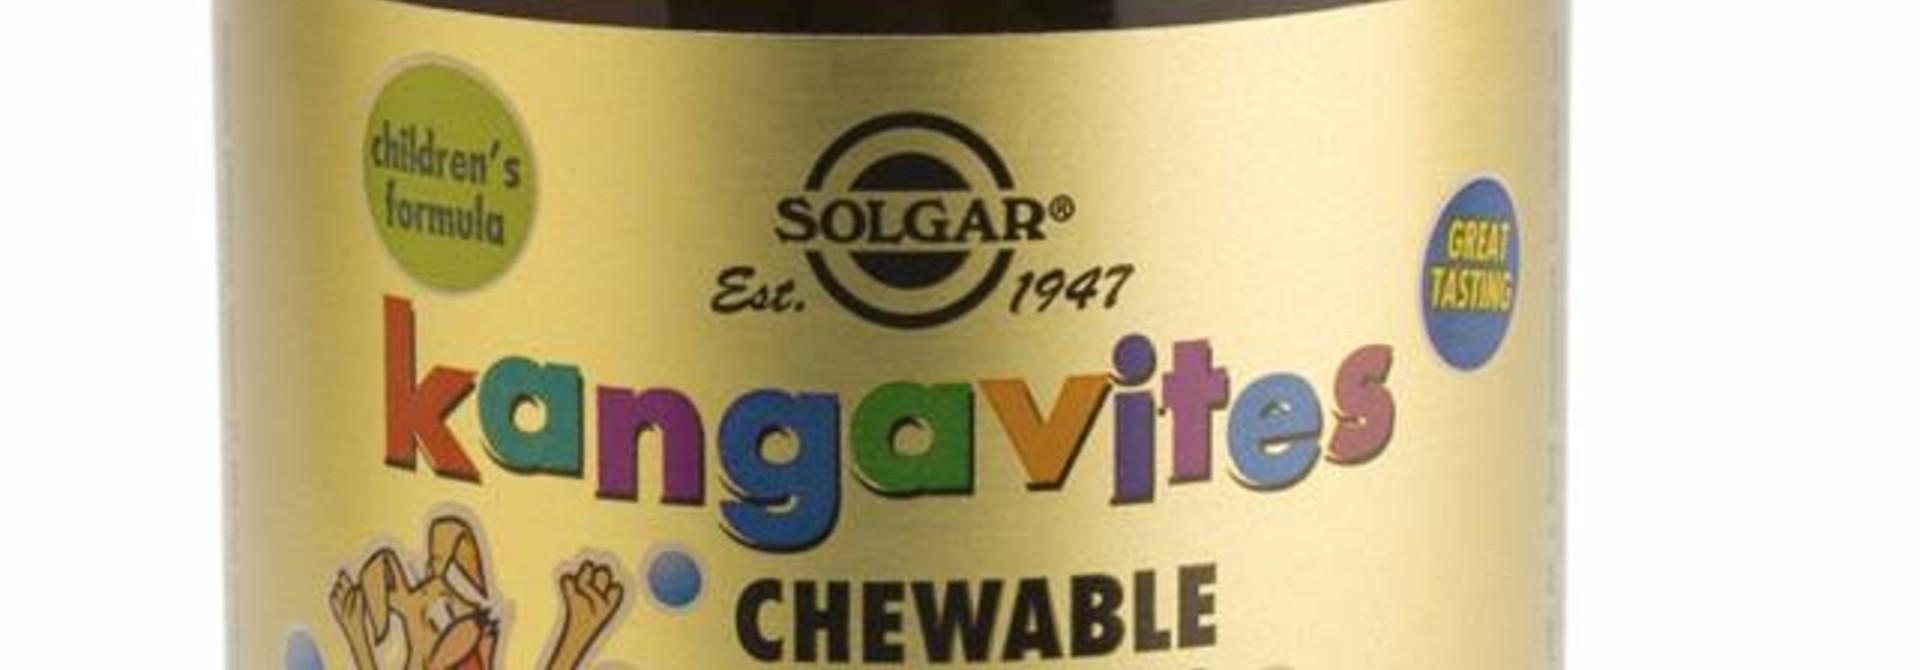 Kangavites Chewable Vitamin C 100 mg 90 kauwtabletten